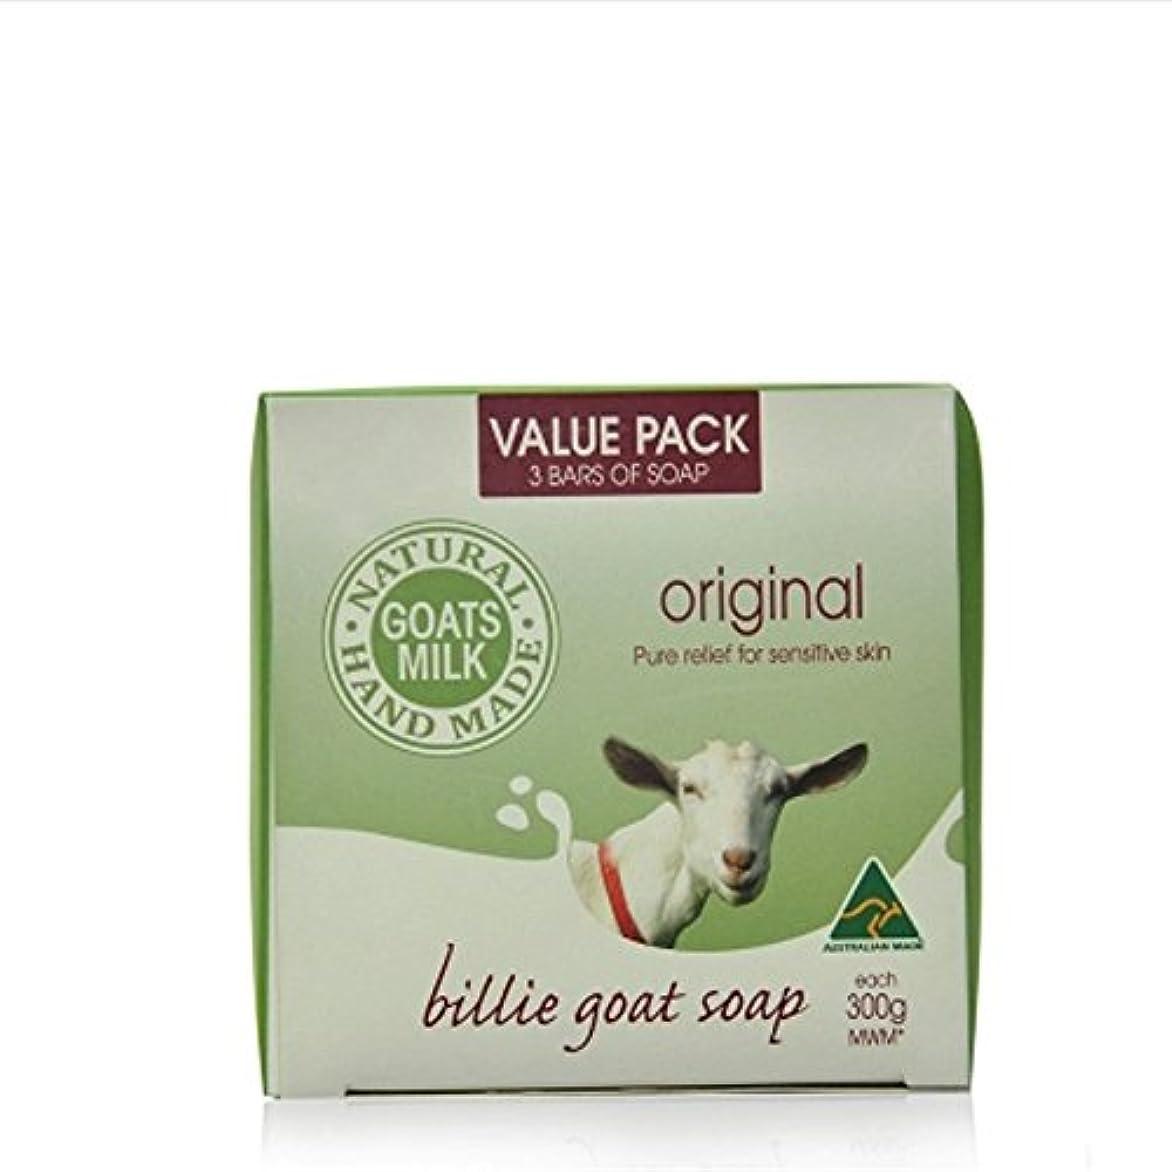 レジバリケード熟読する[Billie Goat Soap]ビリーゴートソープ(ナチュラル)お徳用3個セット[海外直送品]